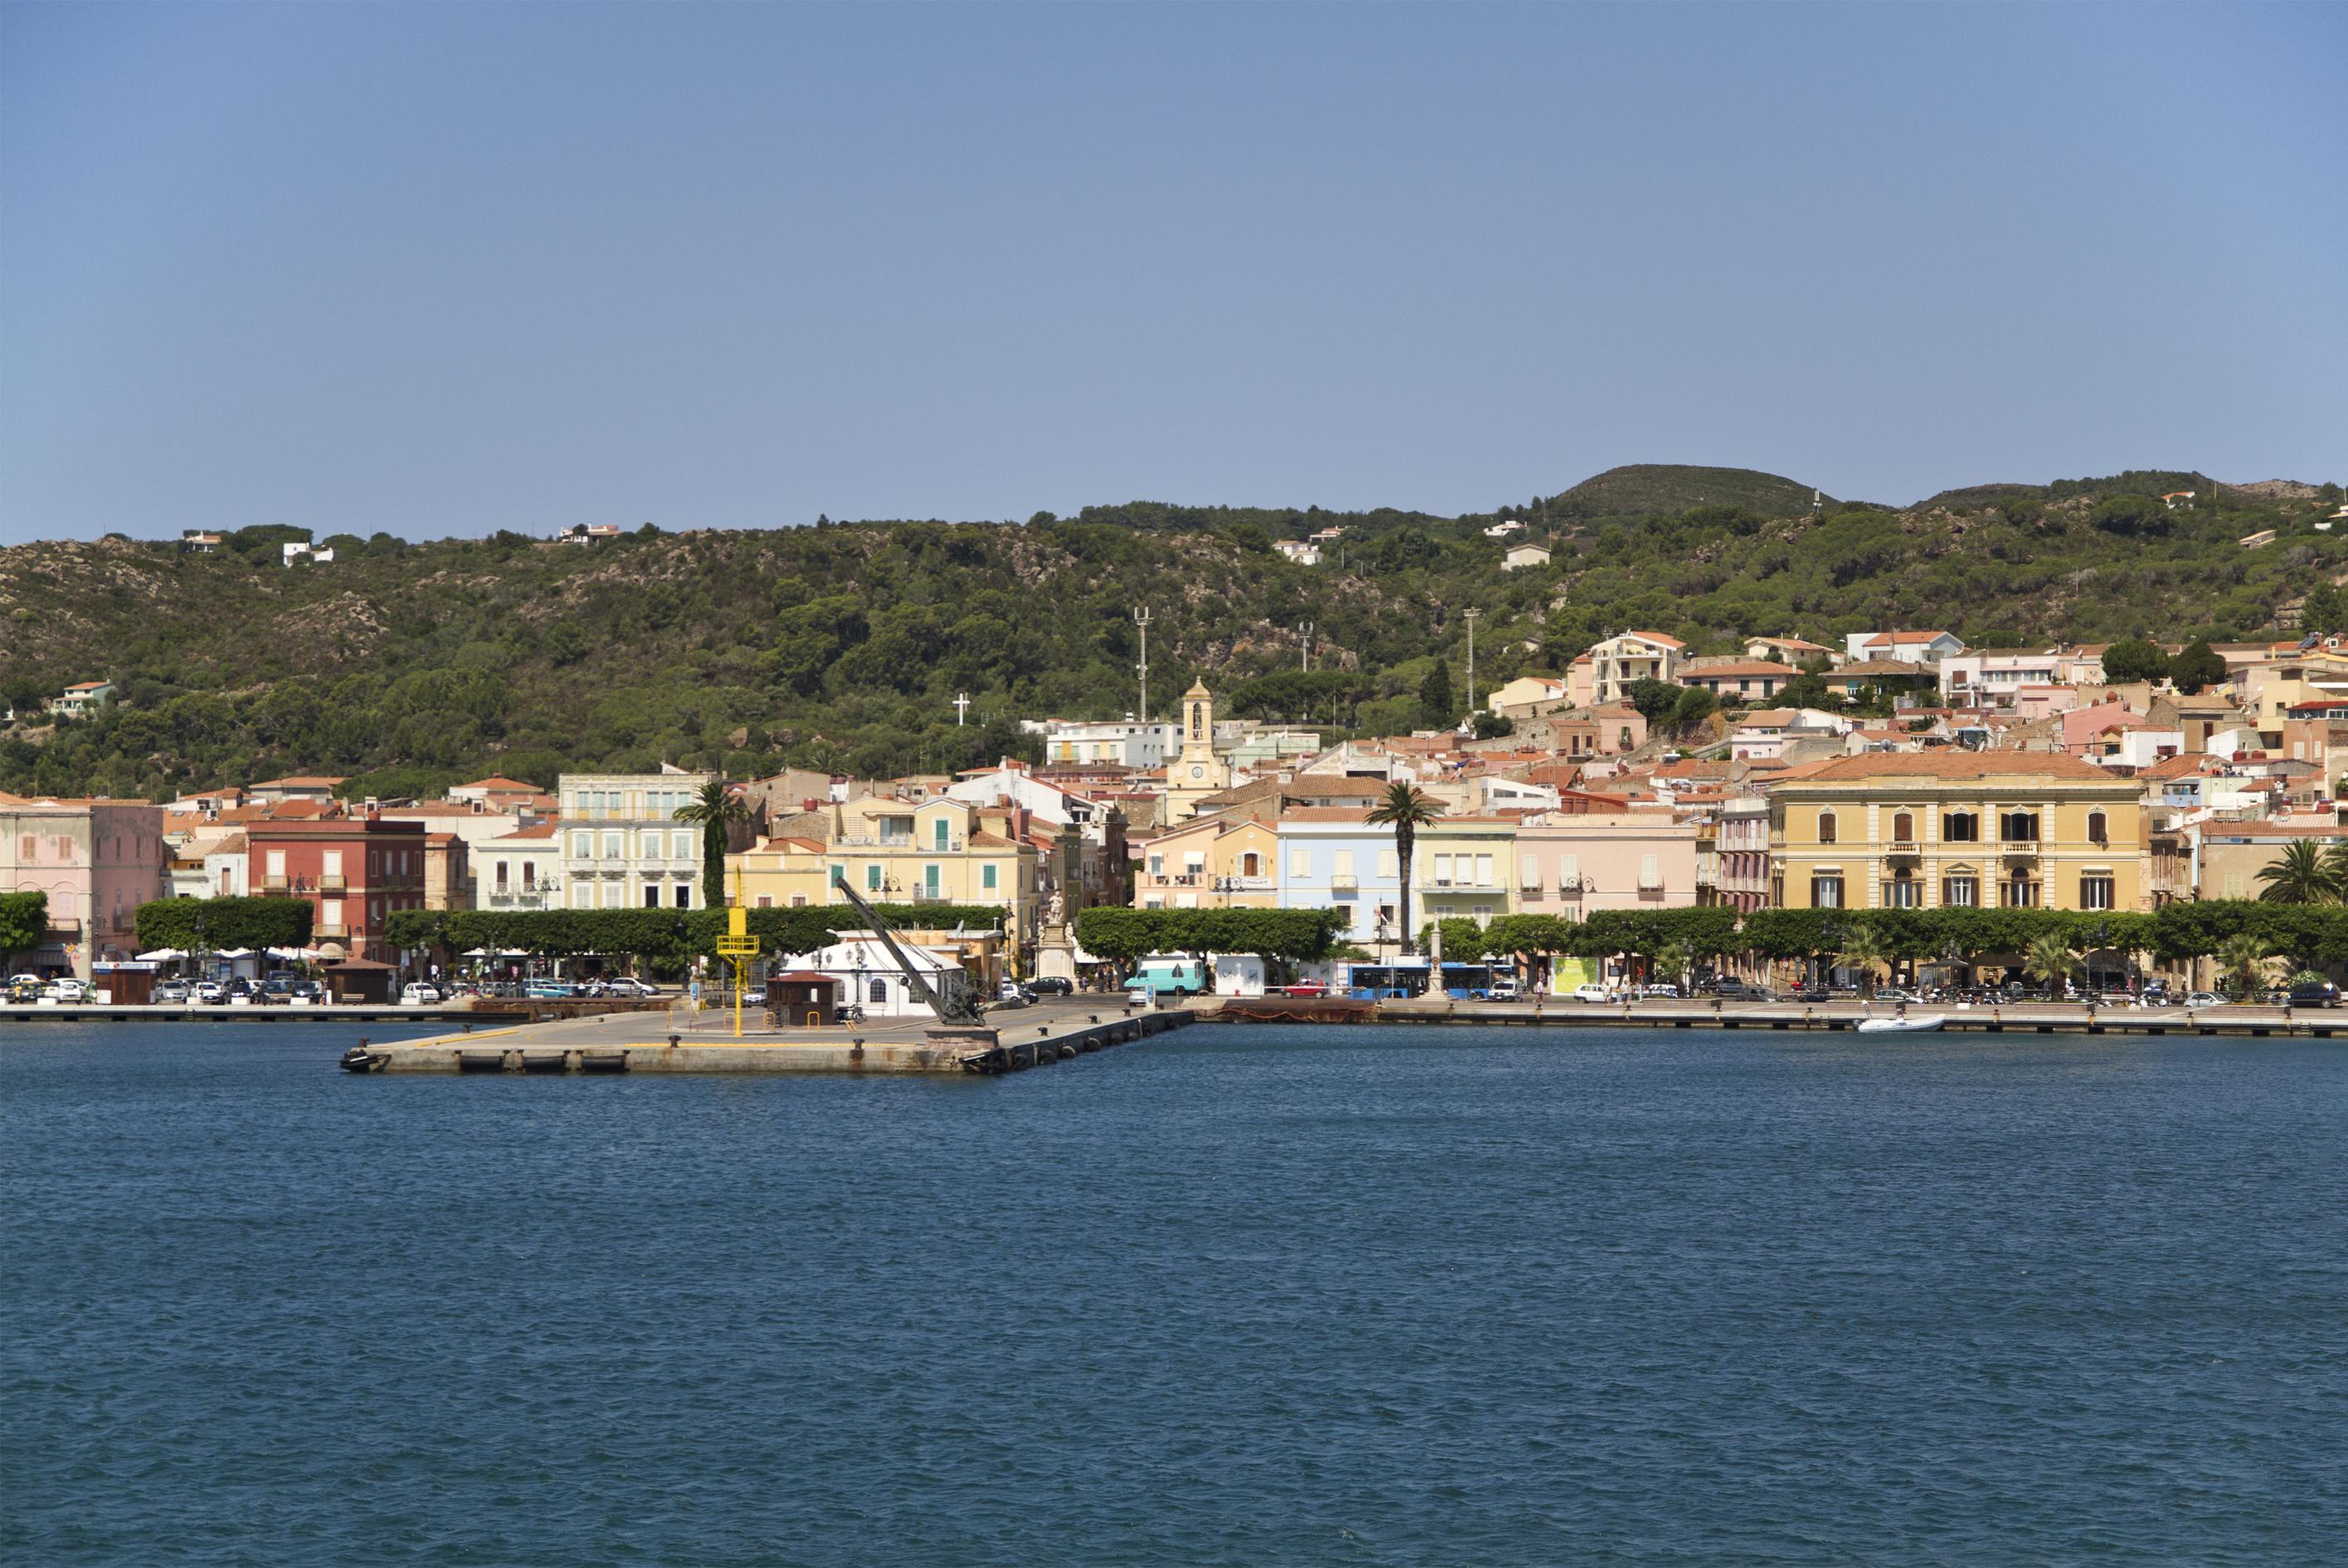 Noleggio Barche Carloforte - Navalia | Noleggia un Sogno